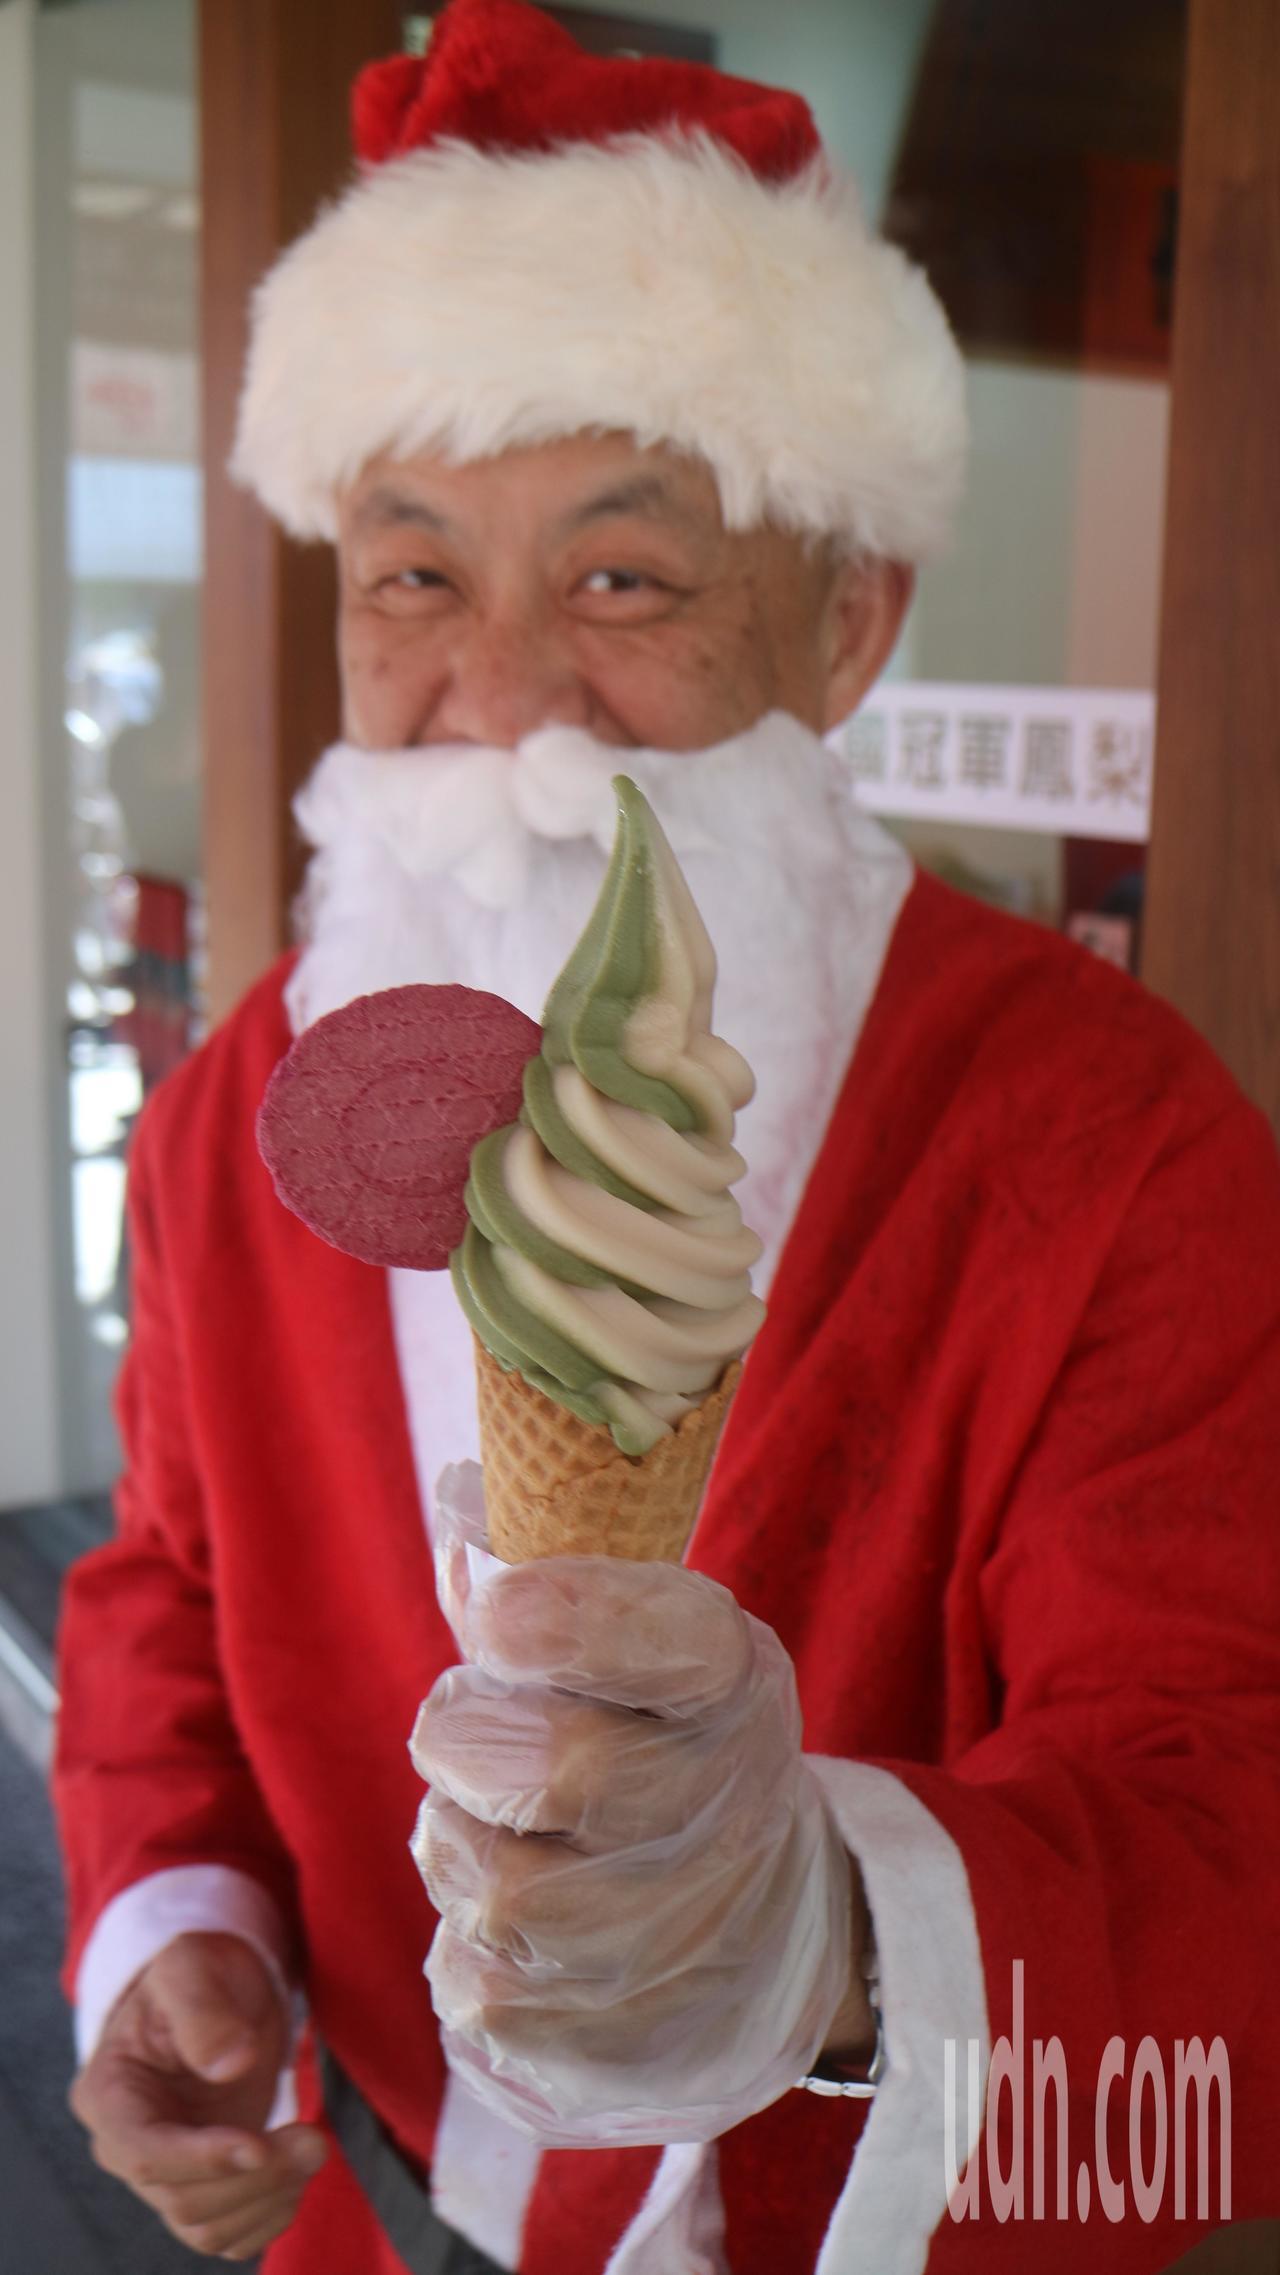 老闆劉瑞祺裝扮成聖誕老公公的模樣,邀請弱勢團體免費吃霜淇淋。記者徐庭揚/攝影